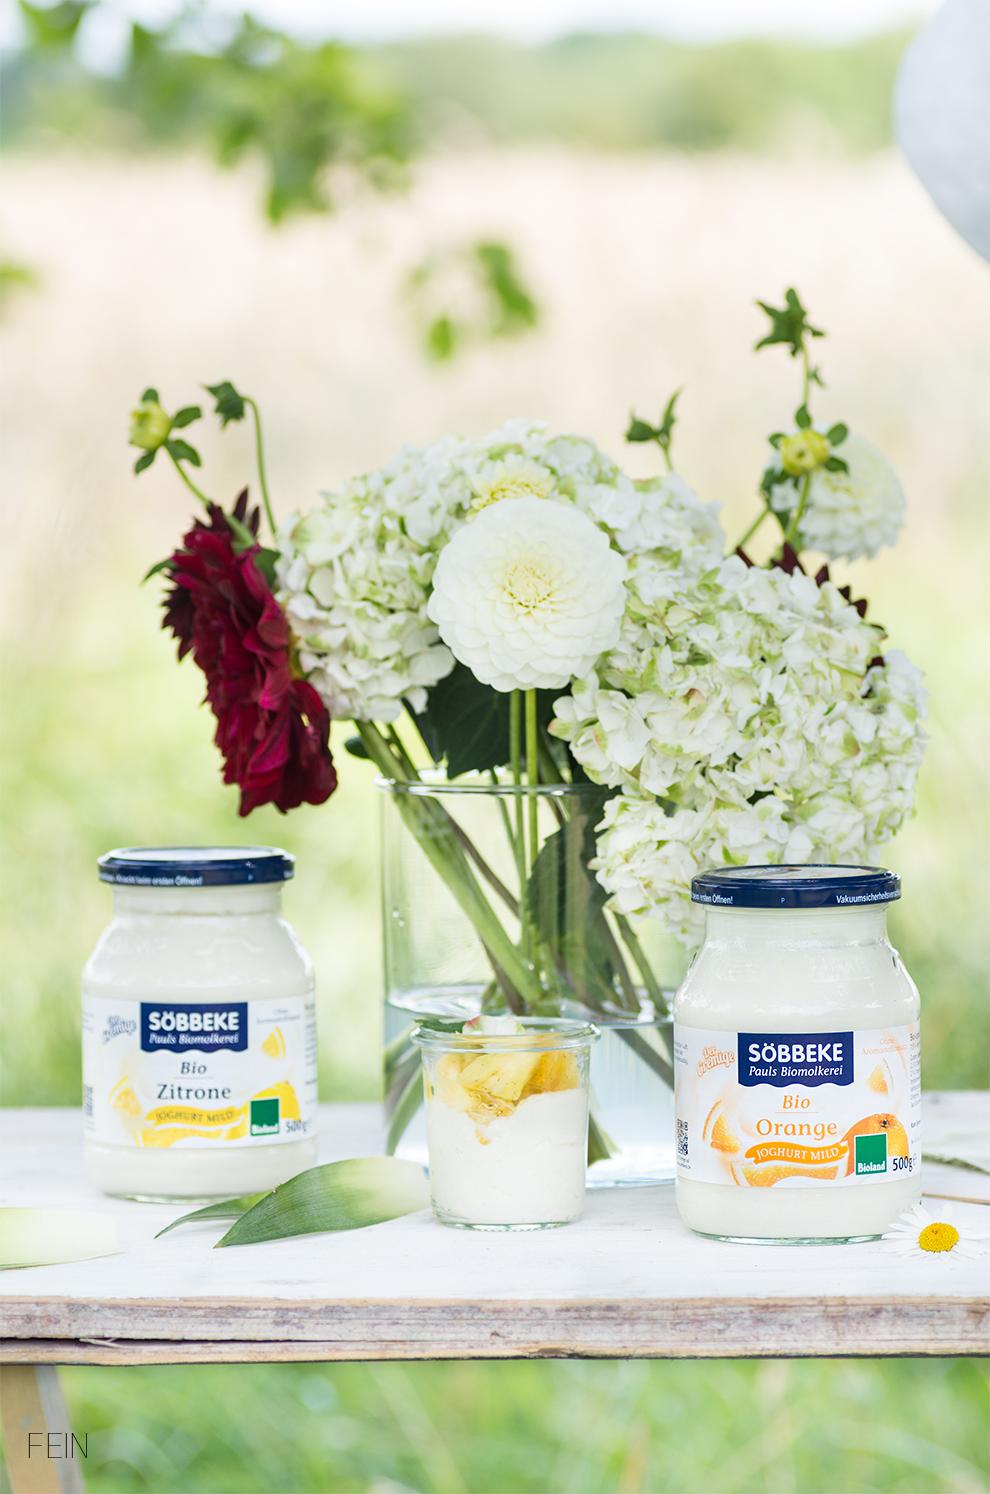 Joghurt Bio Molkerei Söbbeke Orange Der Cremige